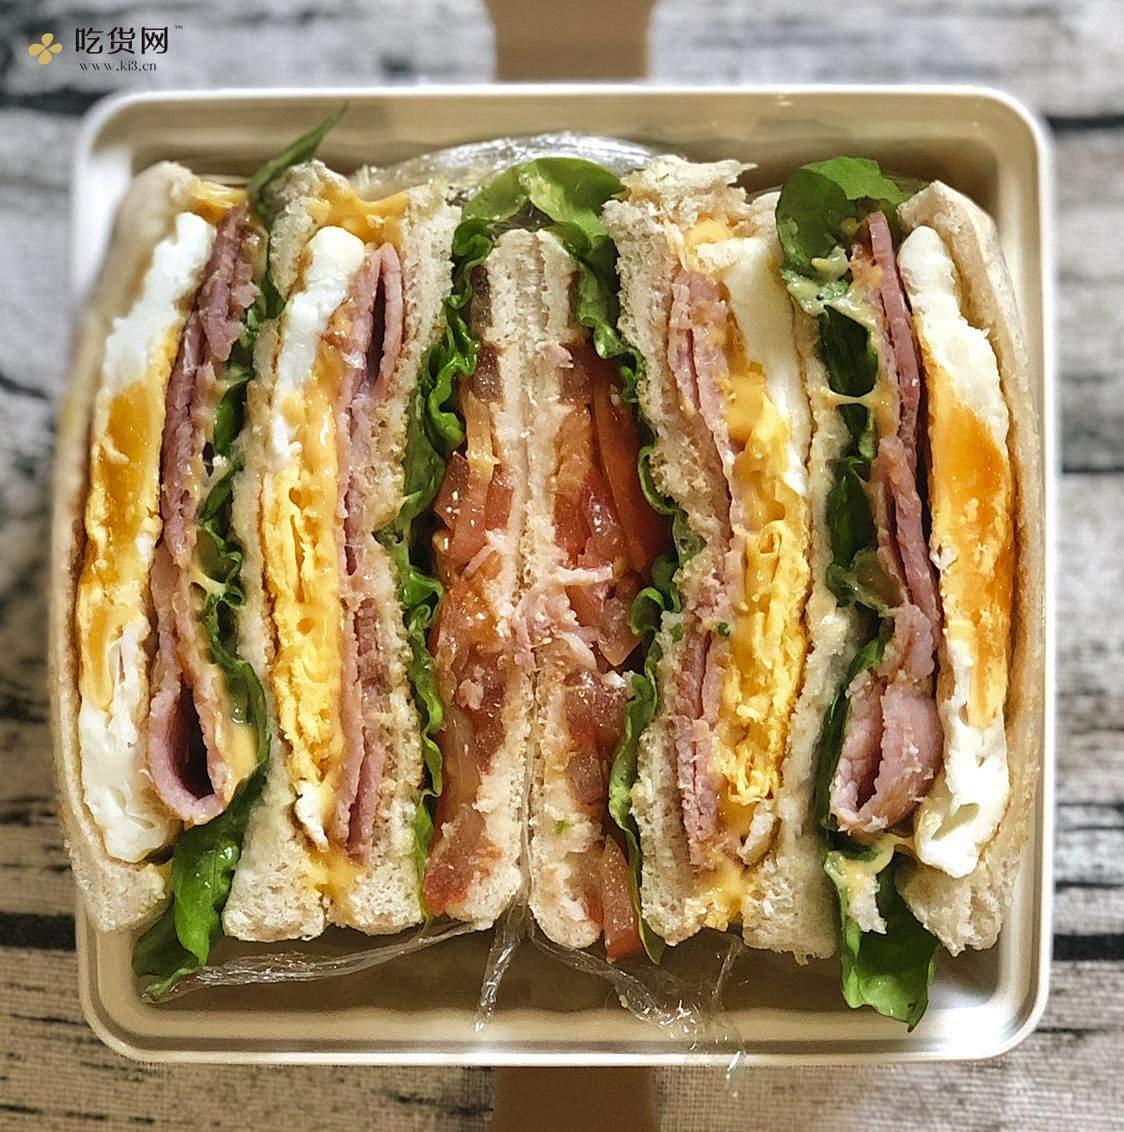 视觉味觉爆炸的全麦三明治系列|减脂万能公式 欢迎来玩!的做法 步骤29